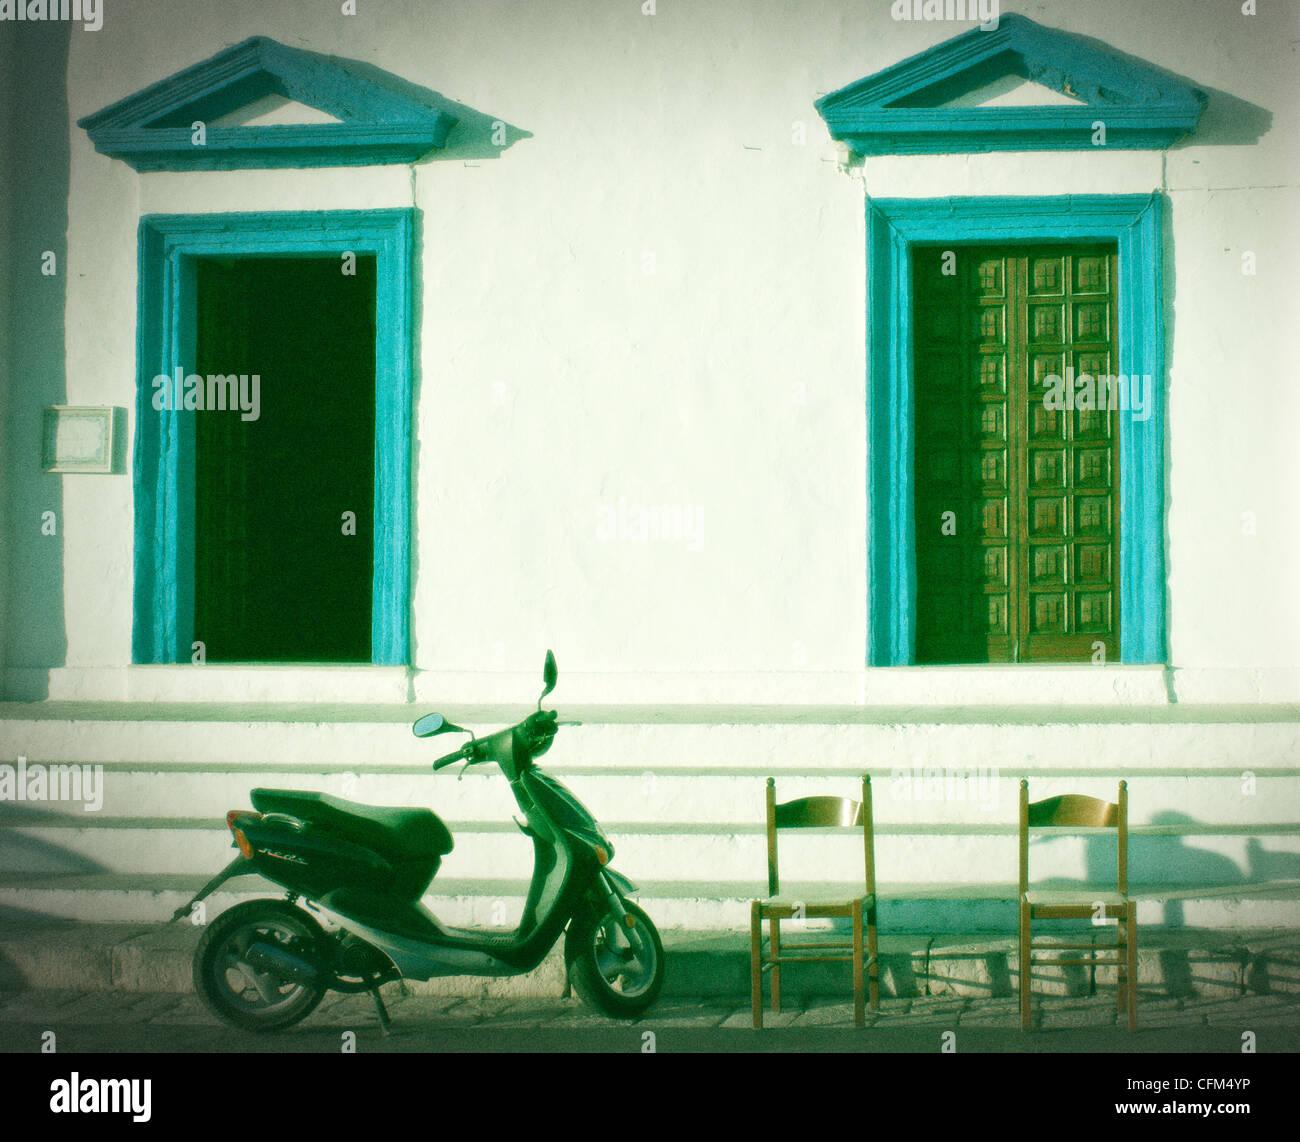 Due porte, due sedie, uno scooter a motore Immagini Stock